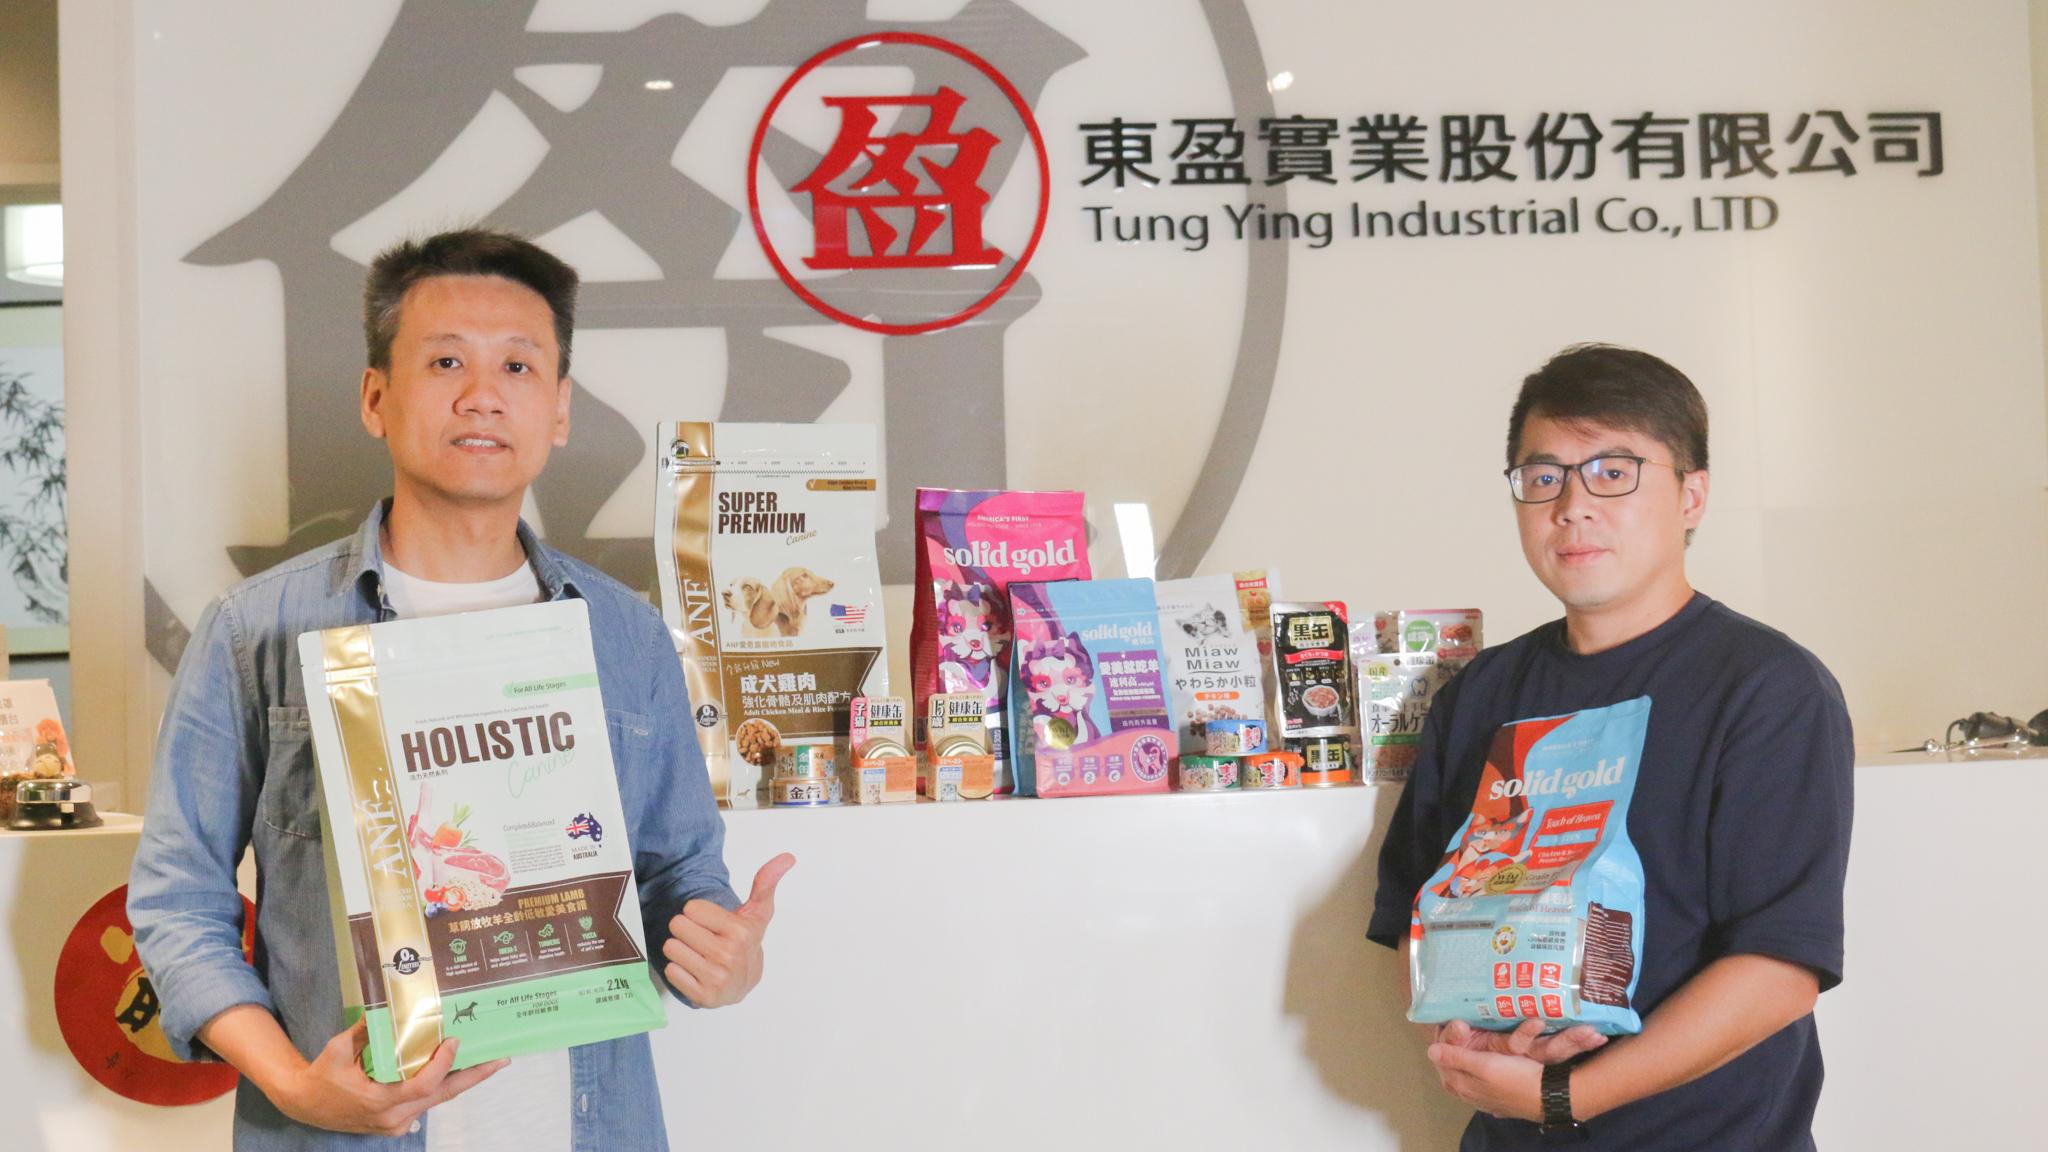 東盈商號:為了年輕化被迫轉型!品牌運用3策略扭轉劣勢